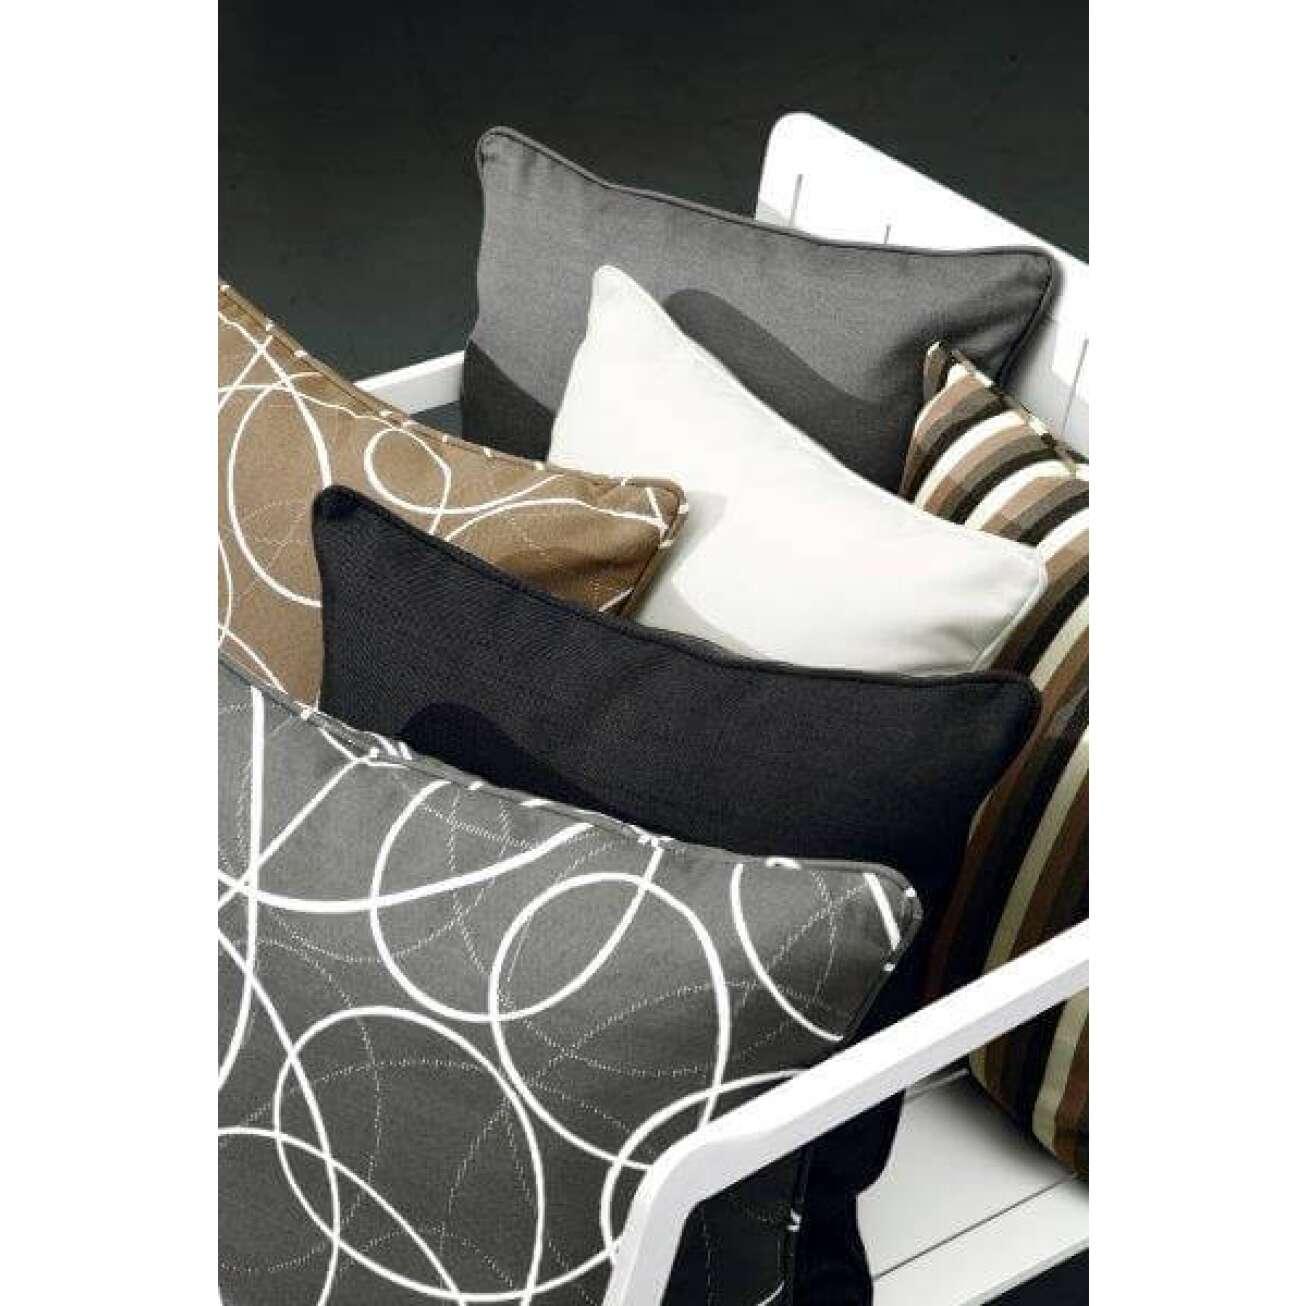 Flere ulike møstrete puter i sofa, svart, brunn, hvit og grå, stripete eller med sirkler